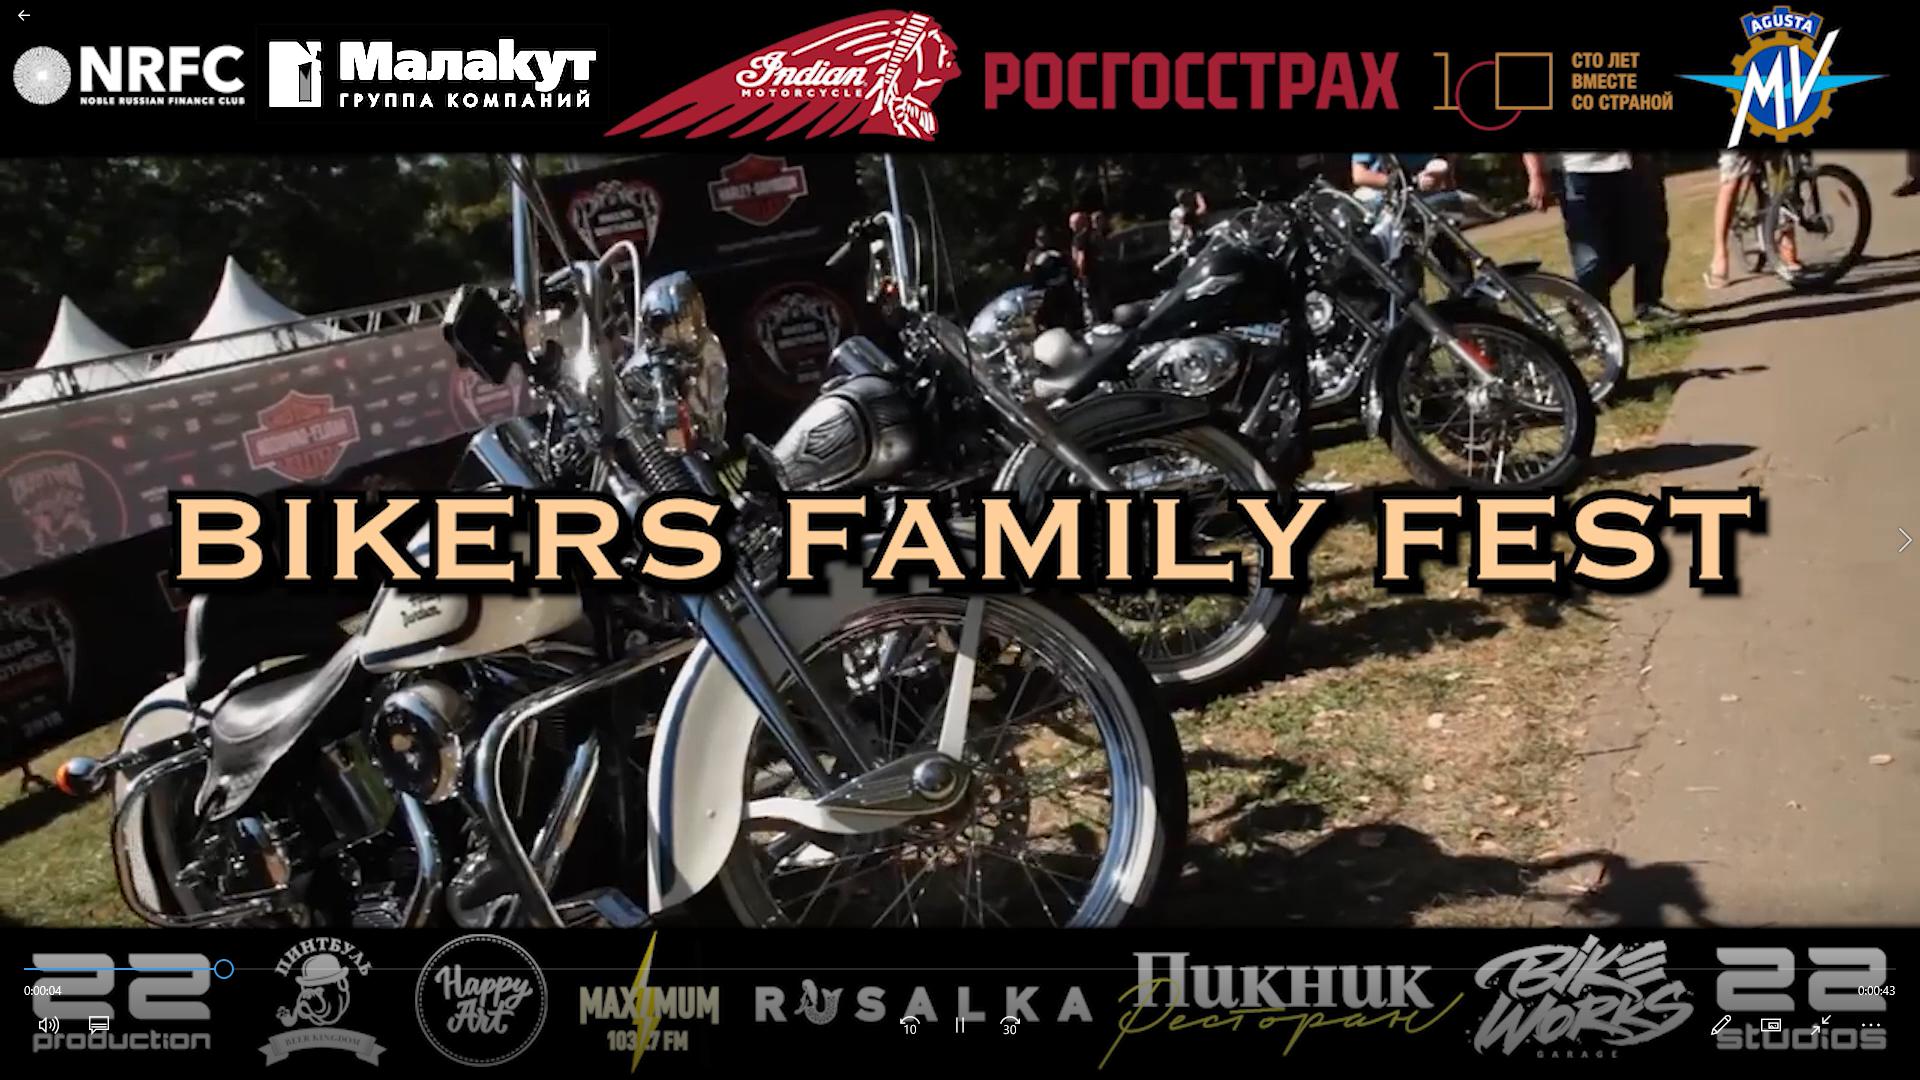 bikers family fest